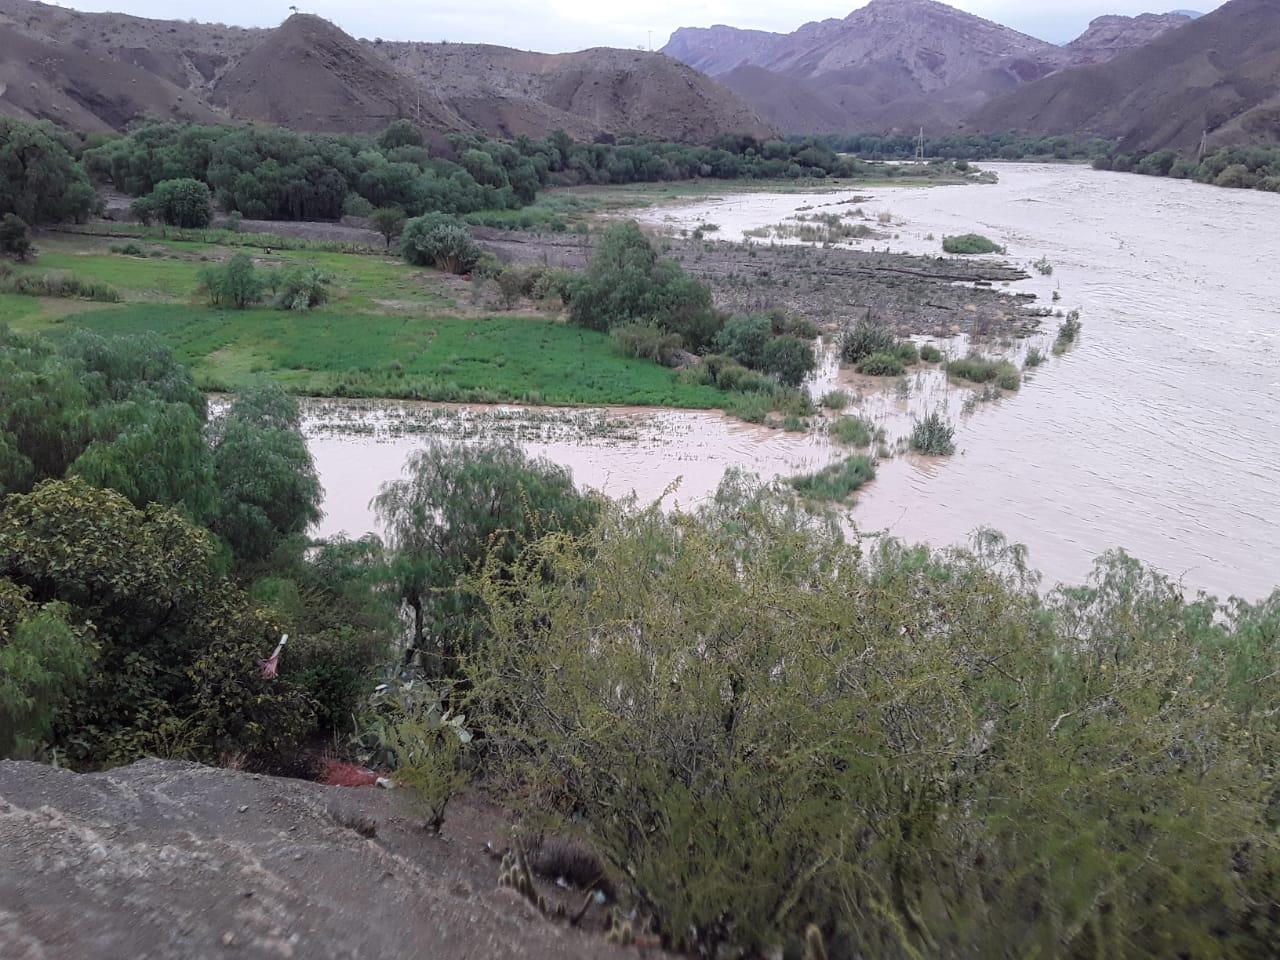 Desastres naturales azotaron cuatro municipios en enero